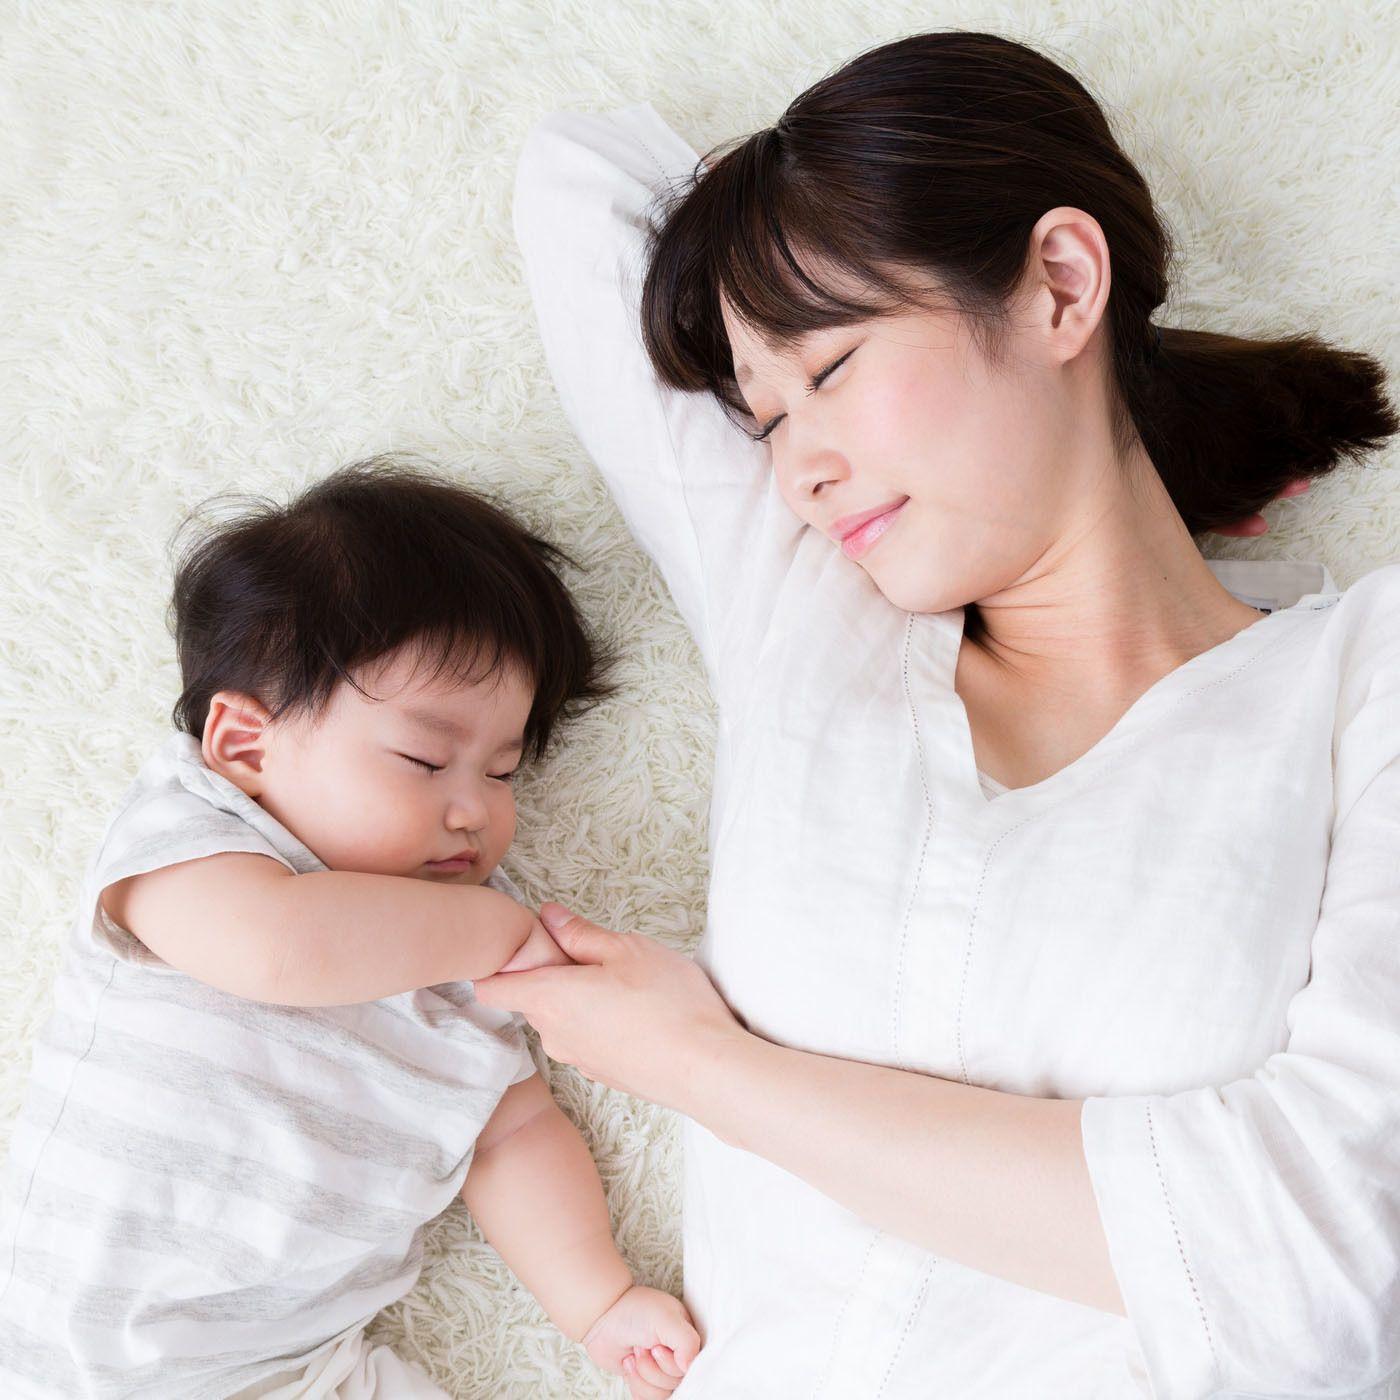 シングルマザーの再婚は難しい?幸せな再婚をするために大切な6つのポイント